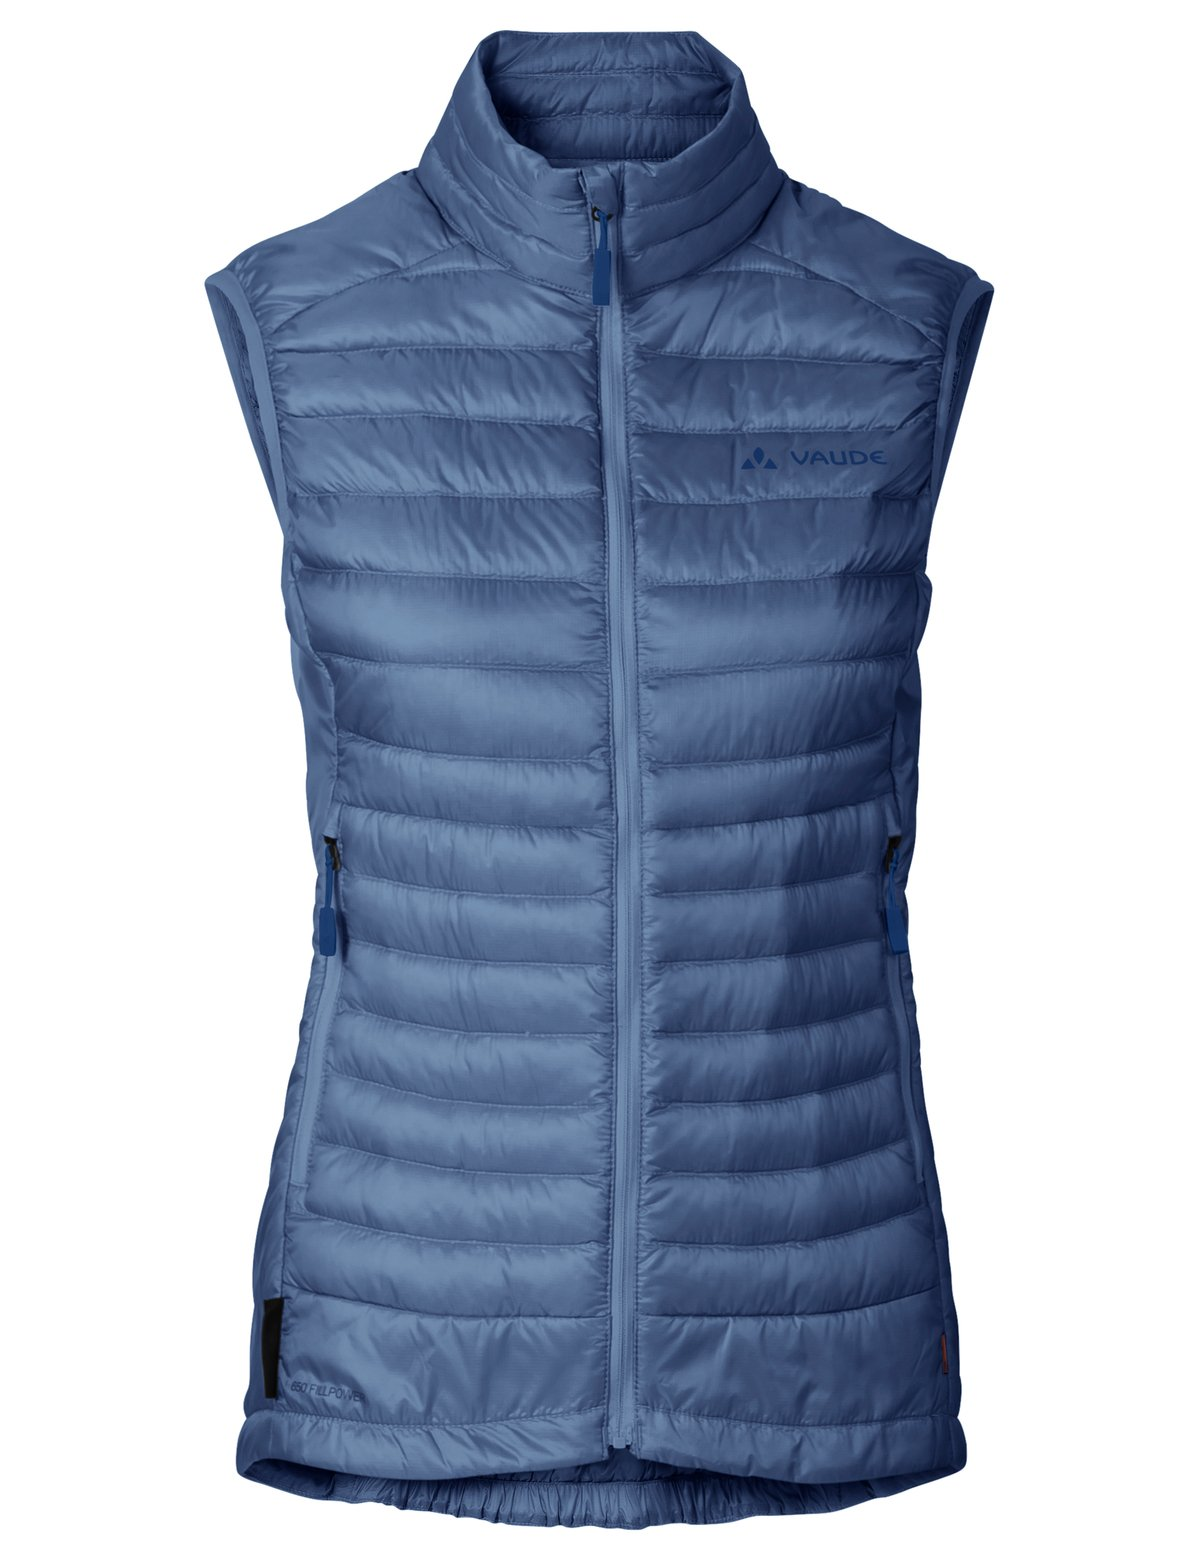 714uLizOPEL - Vaude Kabru II Women's light Women's Gilet Vest